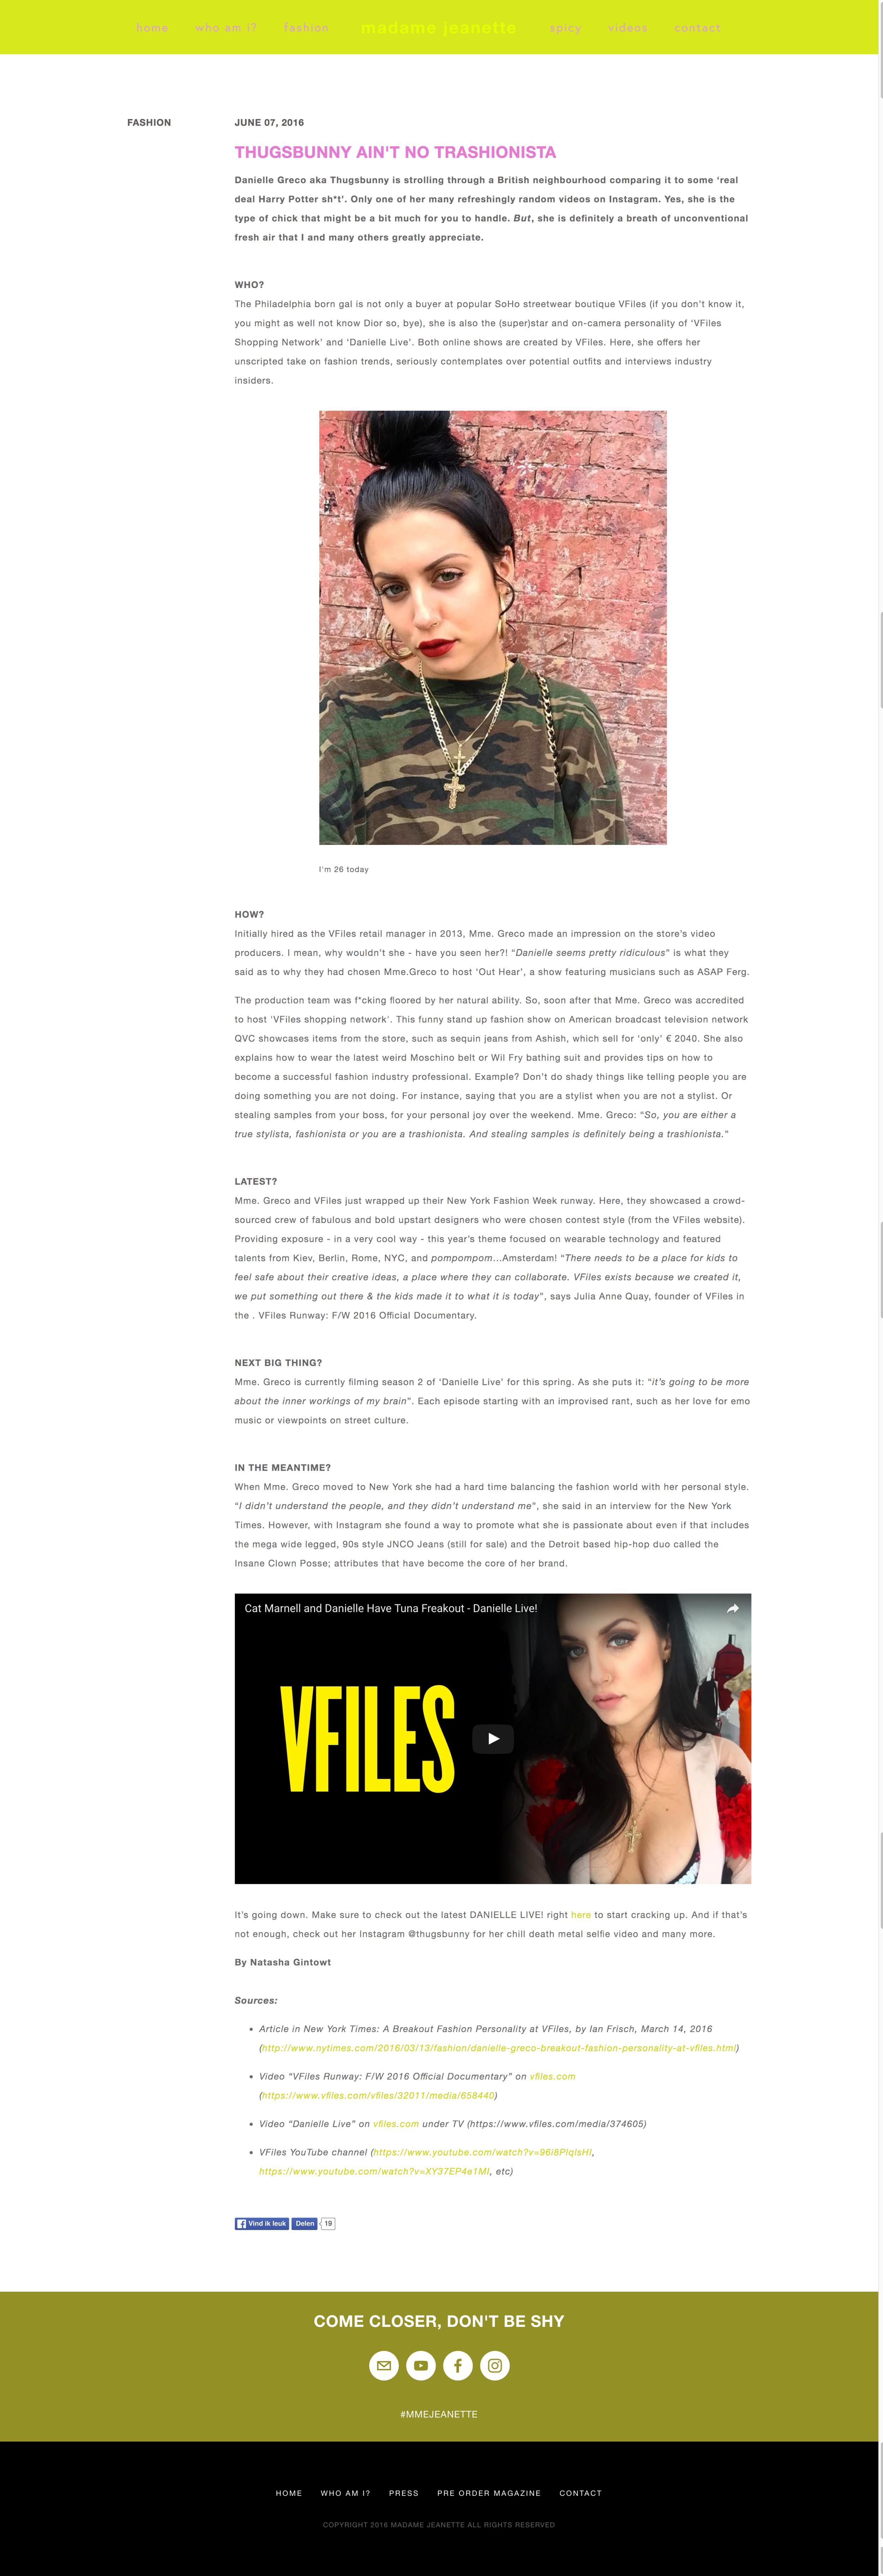 Profile I wrote on Danielle Greco for madamejeanette.com